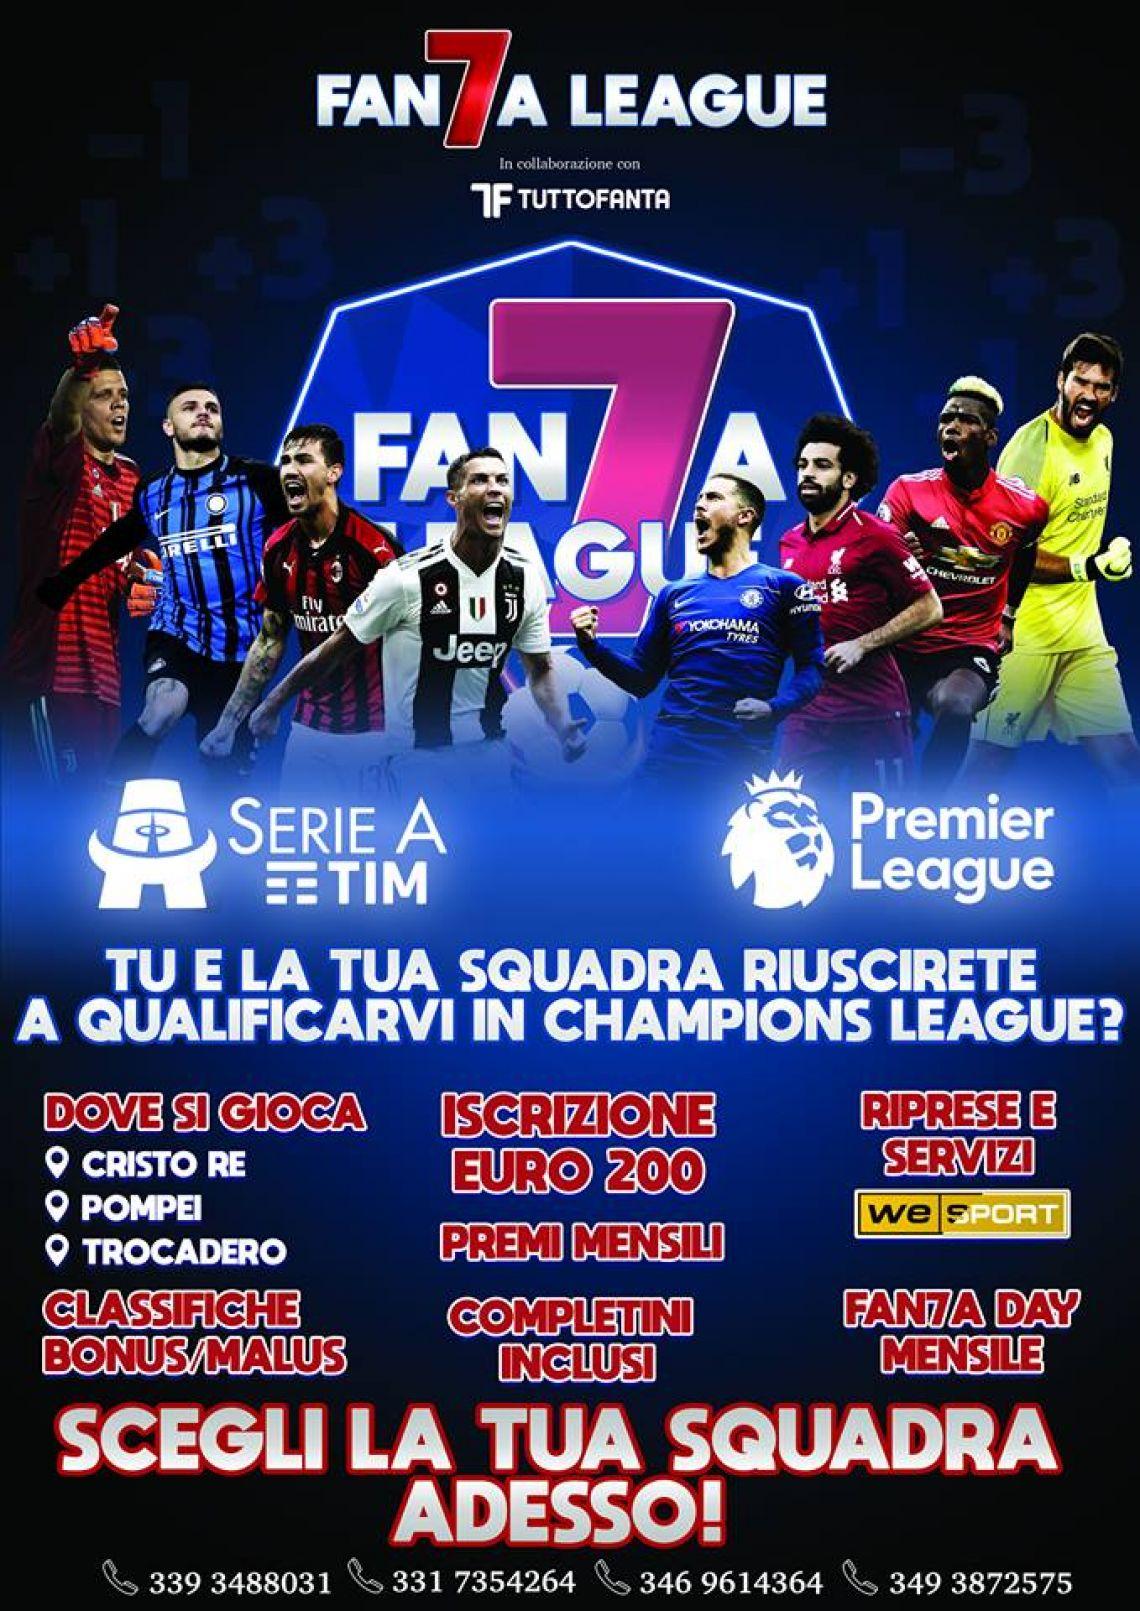 Fan7a League